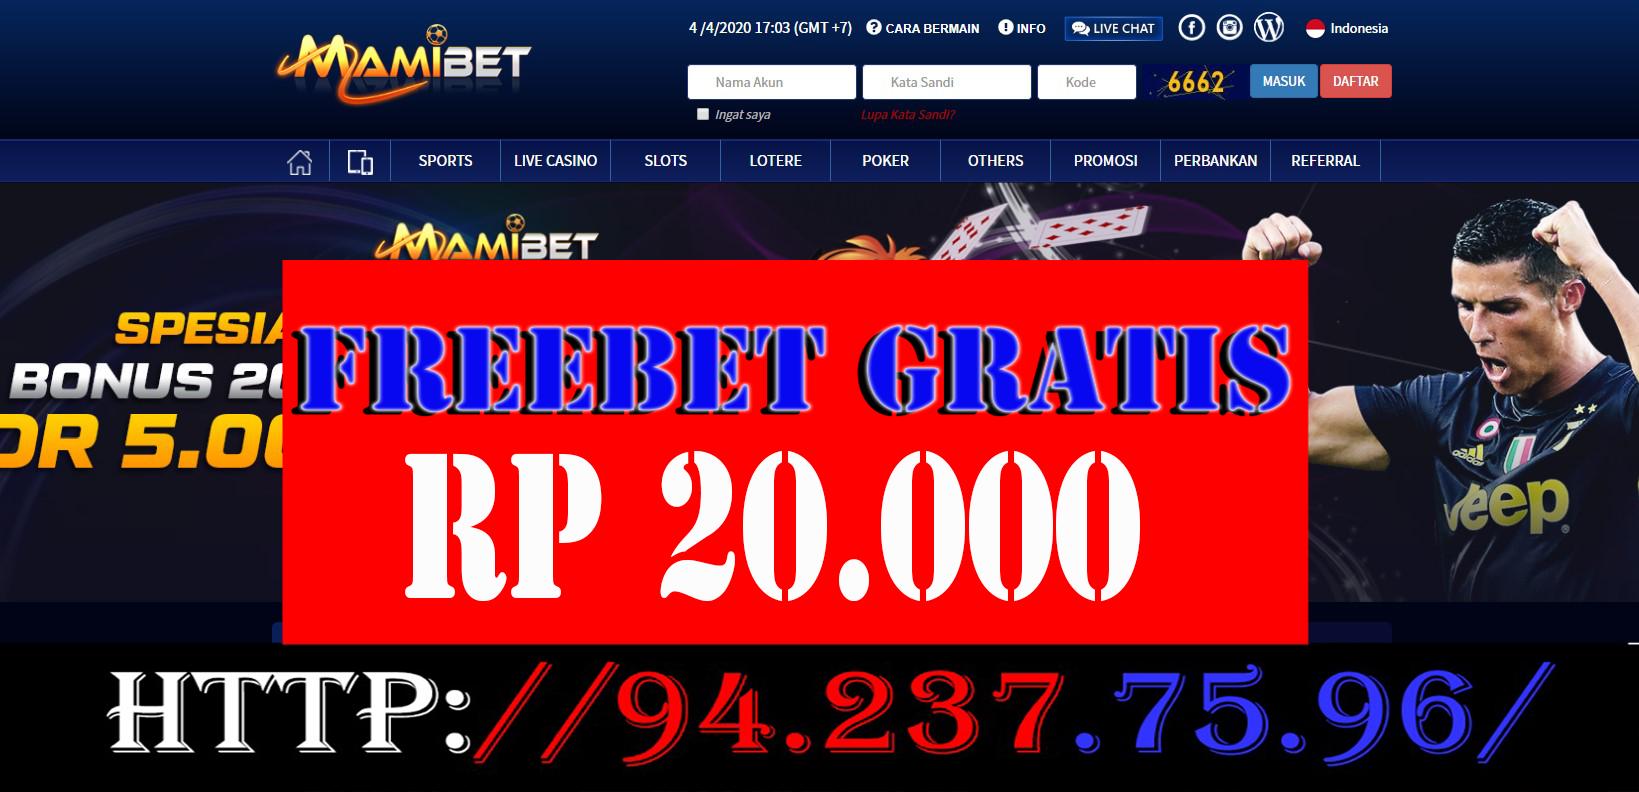 Mamibet Freebet Gratis Rp 20 000 Tanpa Deposit Poker Uang Bet